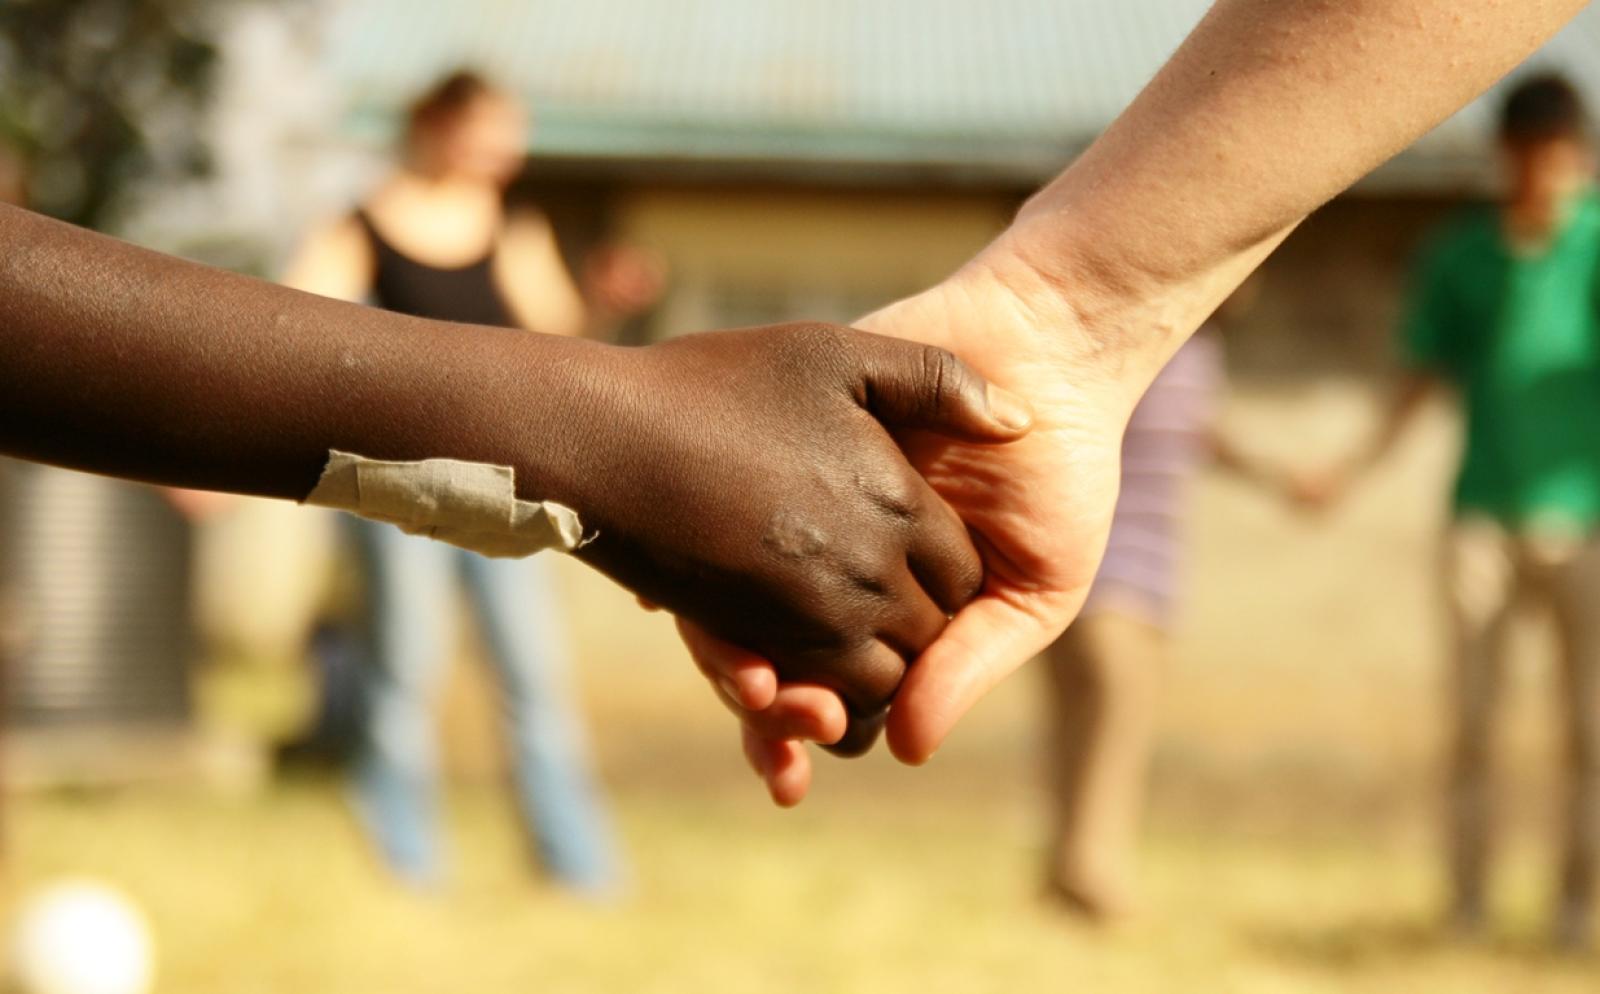 プロジェクトアブロードの活動が世界に与える影響